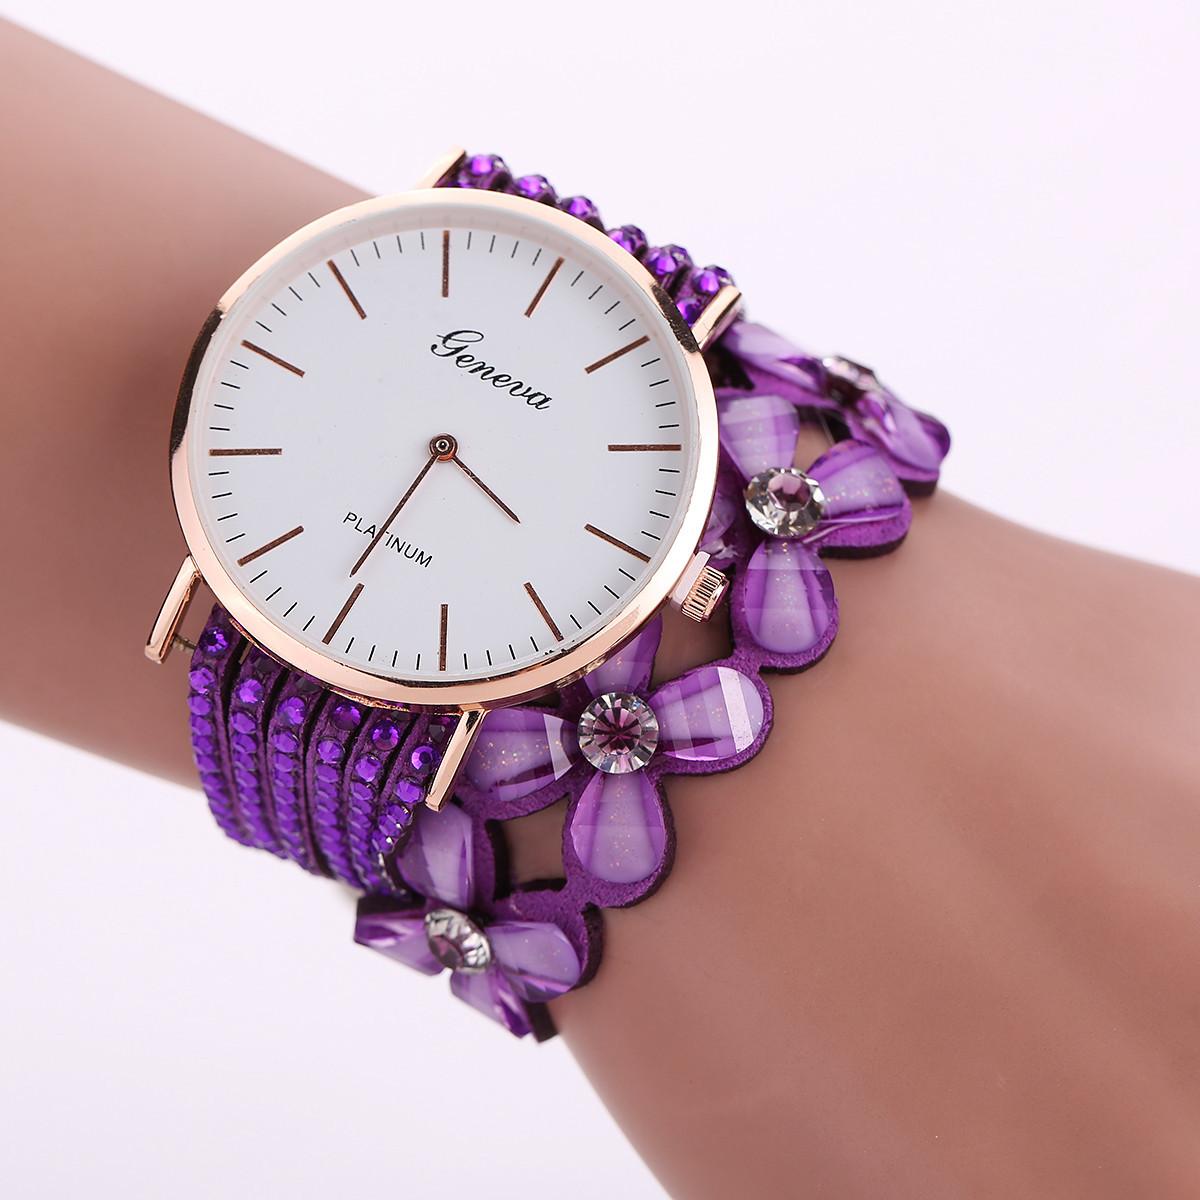 Женские часы браслет со стразами и фиолетовым ремешком